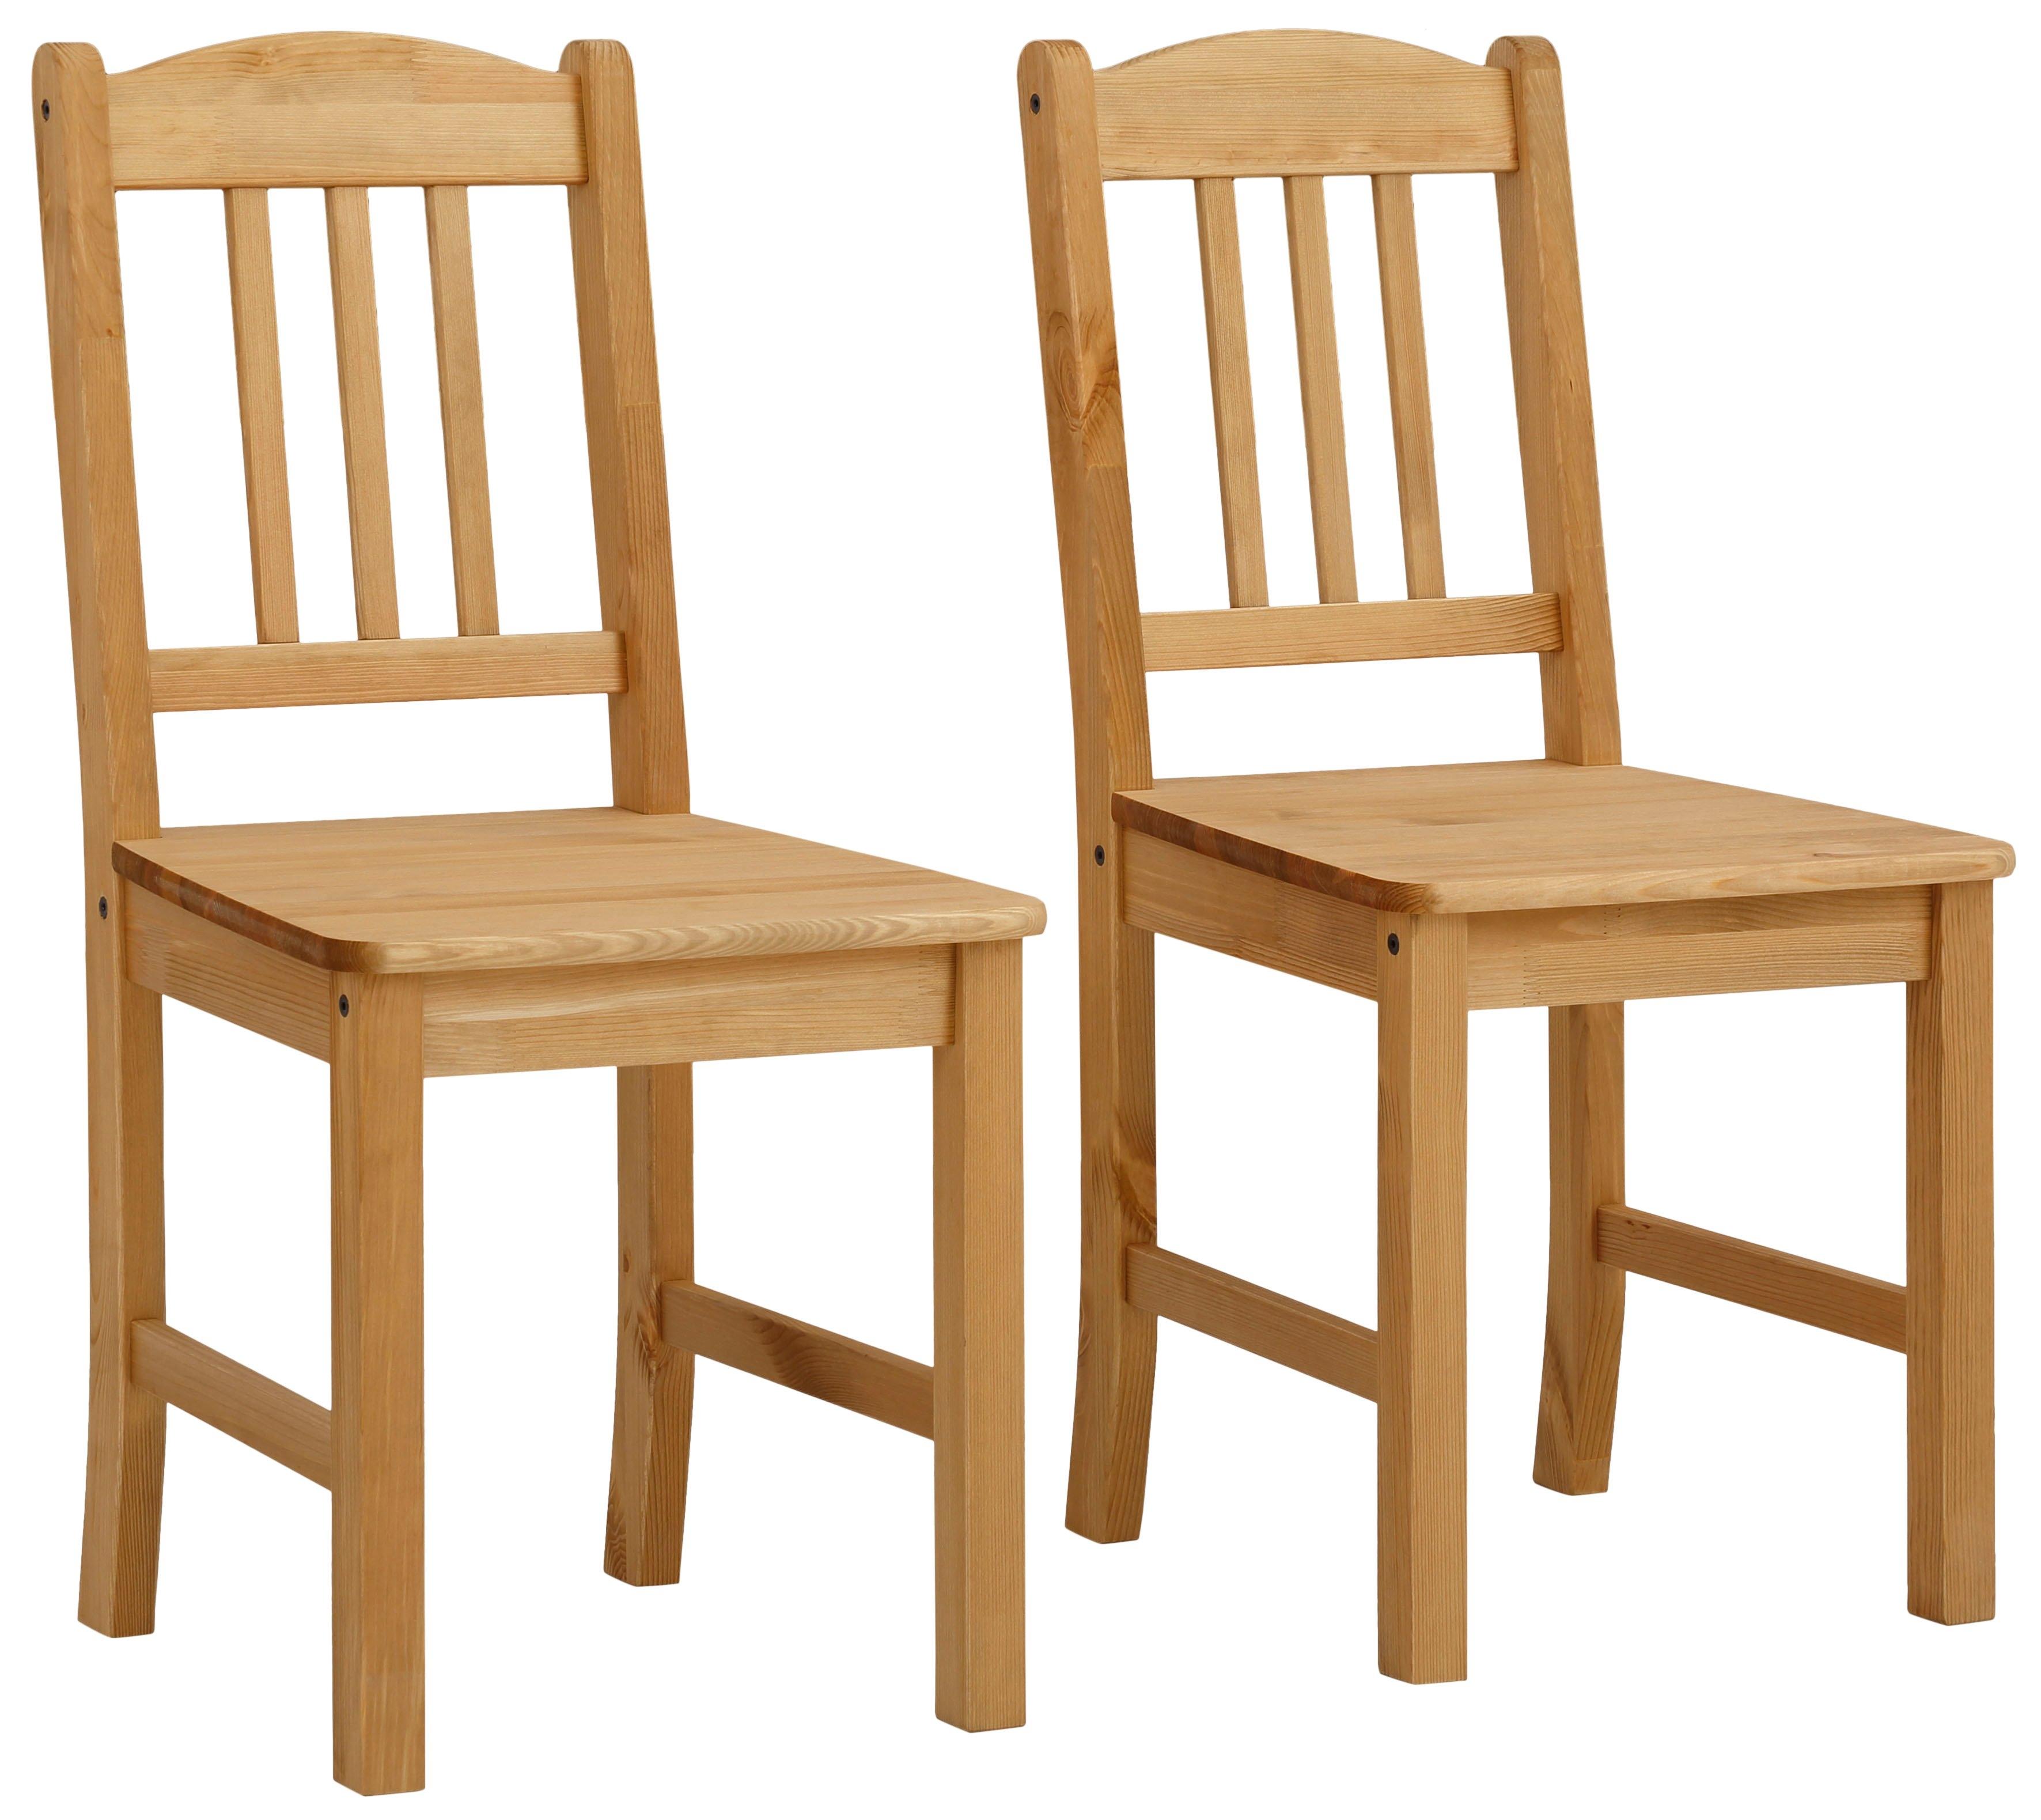 Home affaire stoel (set, 2 stuks) voordelig en veilig online kopen